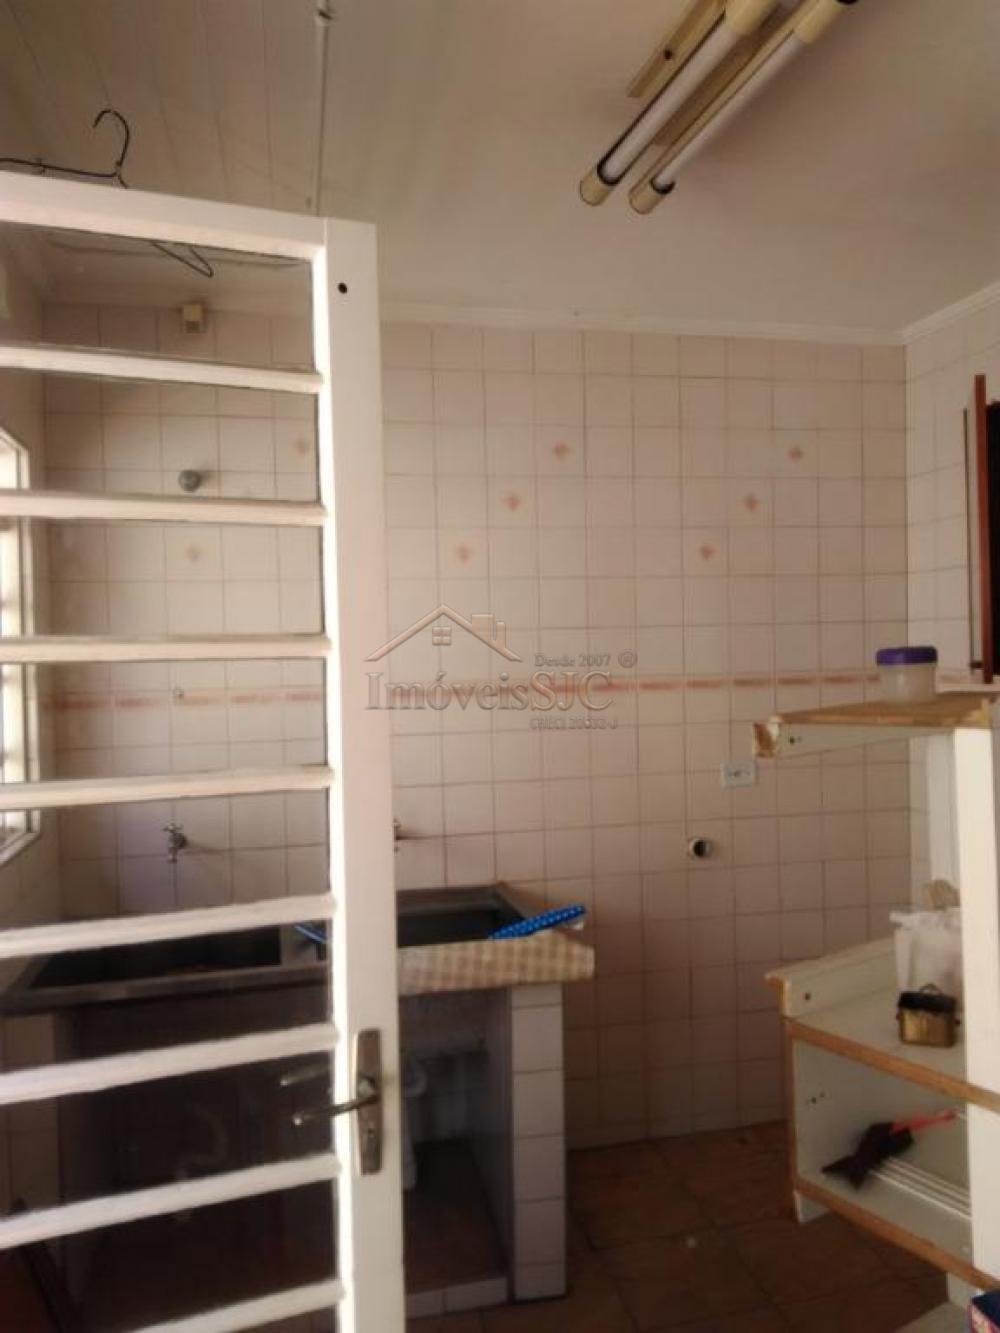 Alugar Casas / Padrão em São José dos Campos apenas R$ 10.000,00 - Foto 21